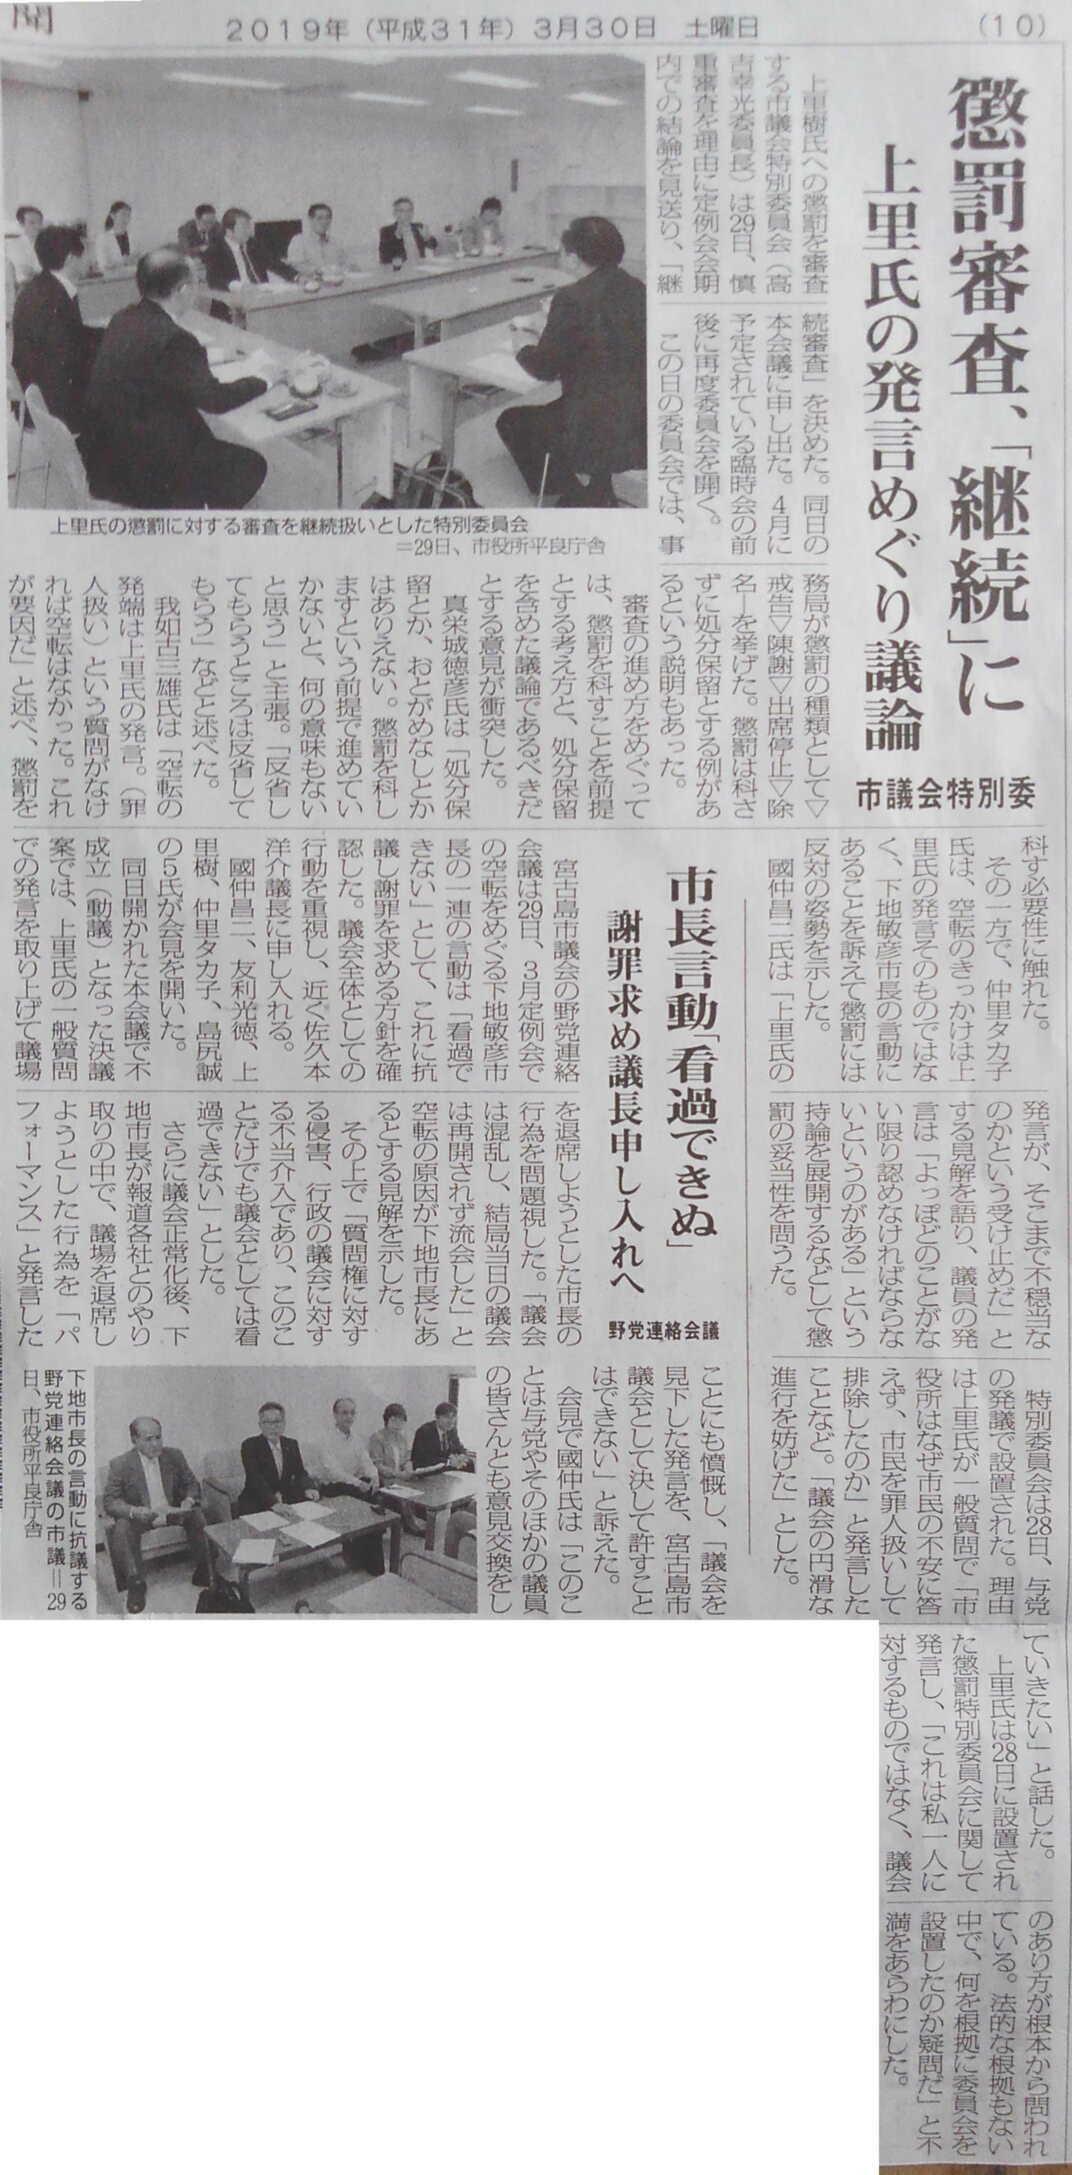 miyakomainichi2019 03301